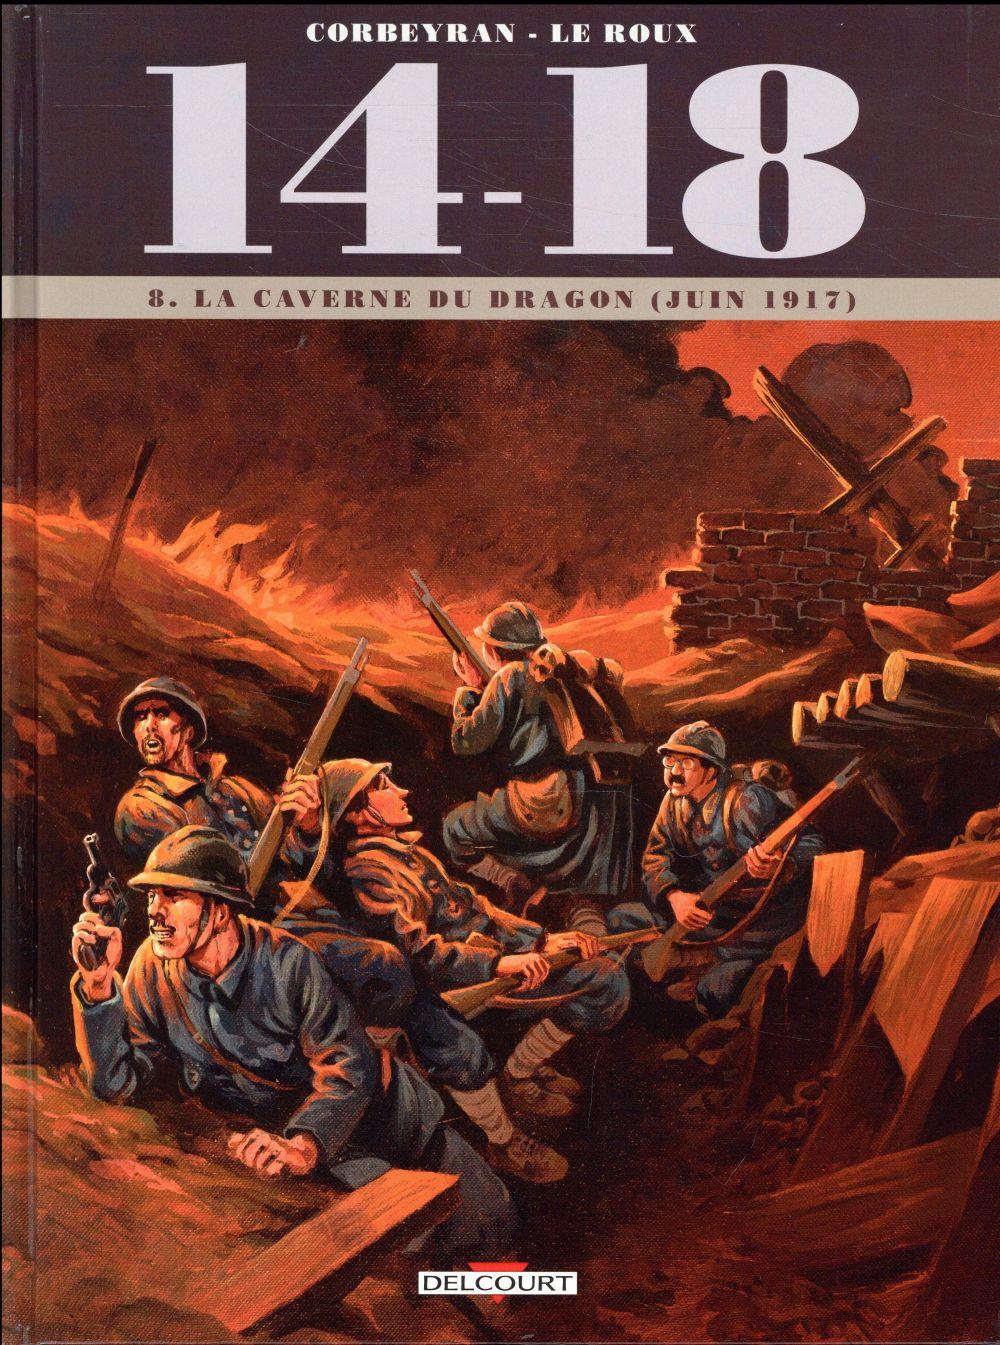 14-18 T.8  -  LA CAVERNE DU DRAGON (JUIN 1917) CORBEYRAN/LE ROUX DELCOURT